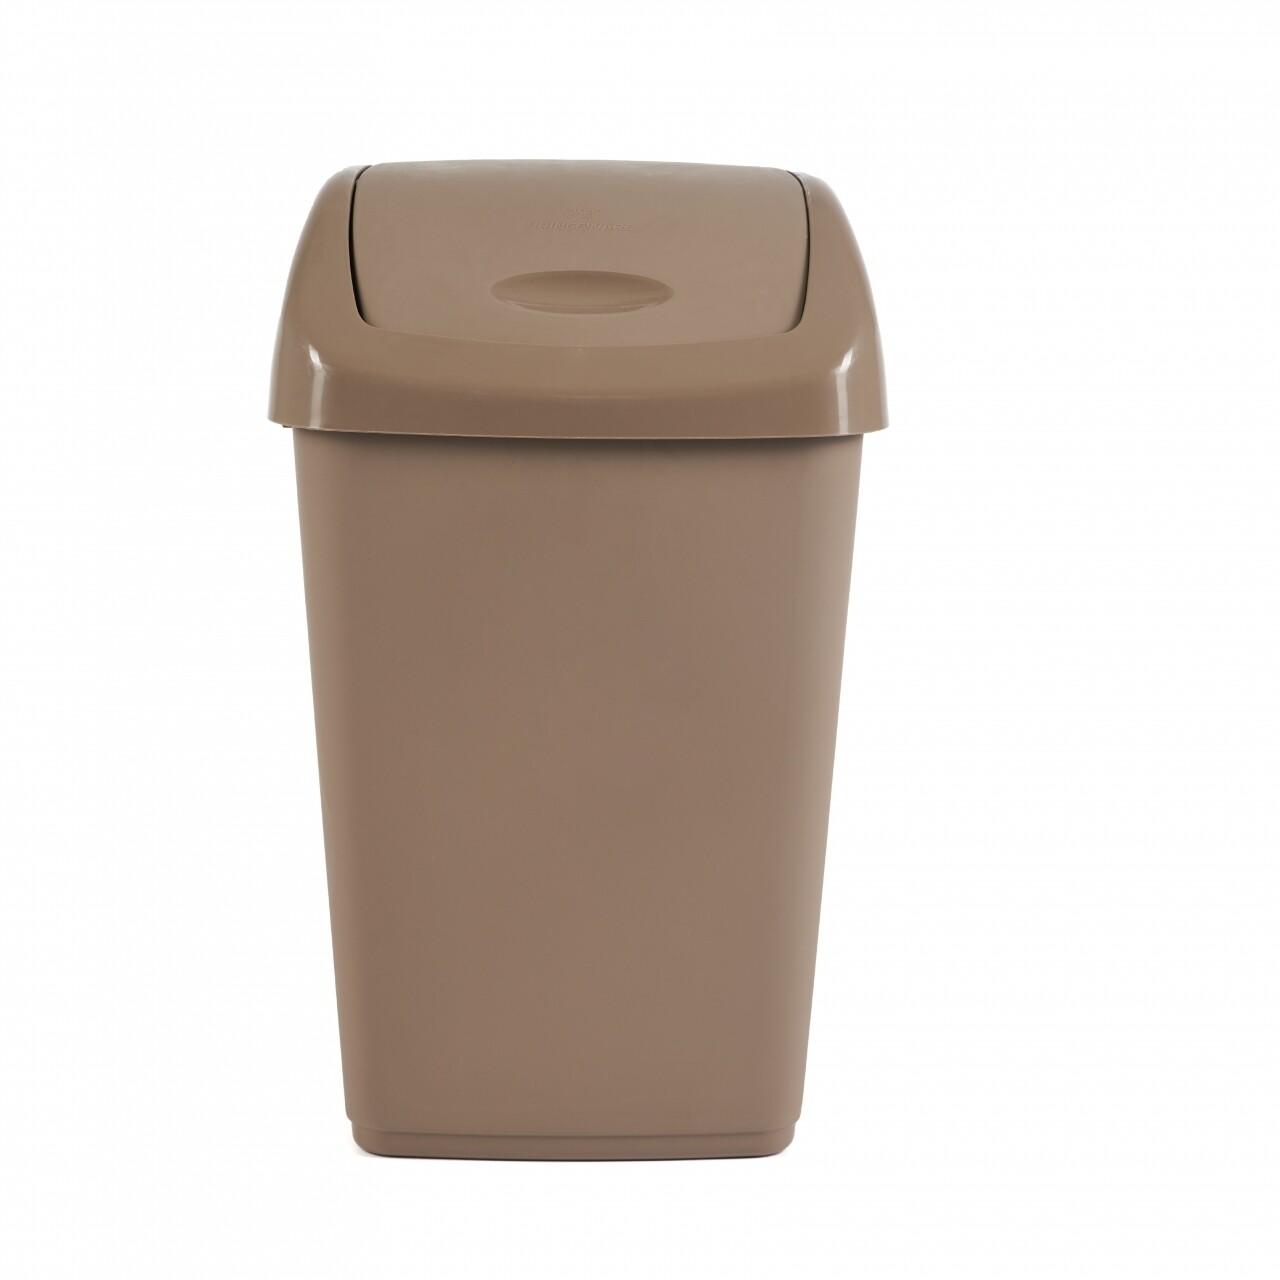 Cos de gunoi cu capac batant Kara Brown, 15L, Heinner, plastic, maro